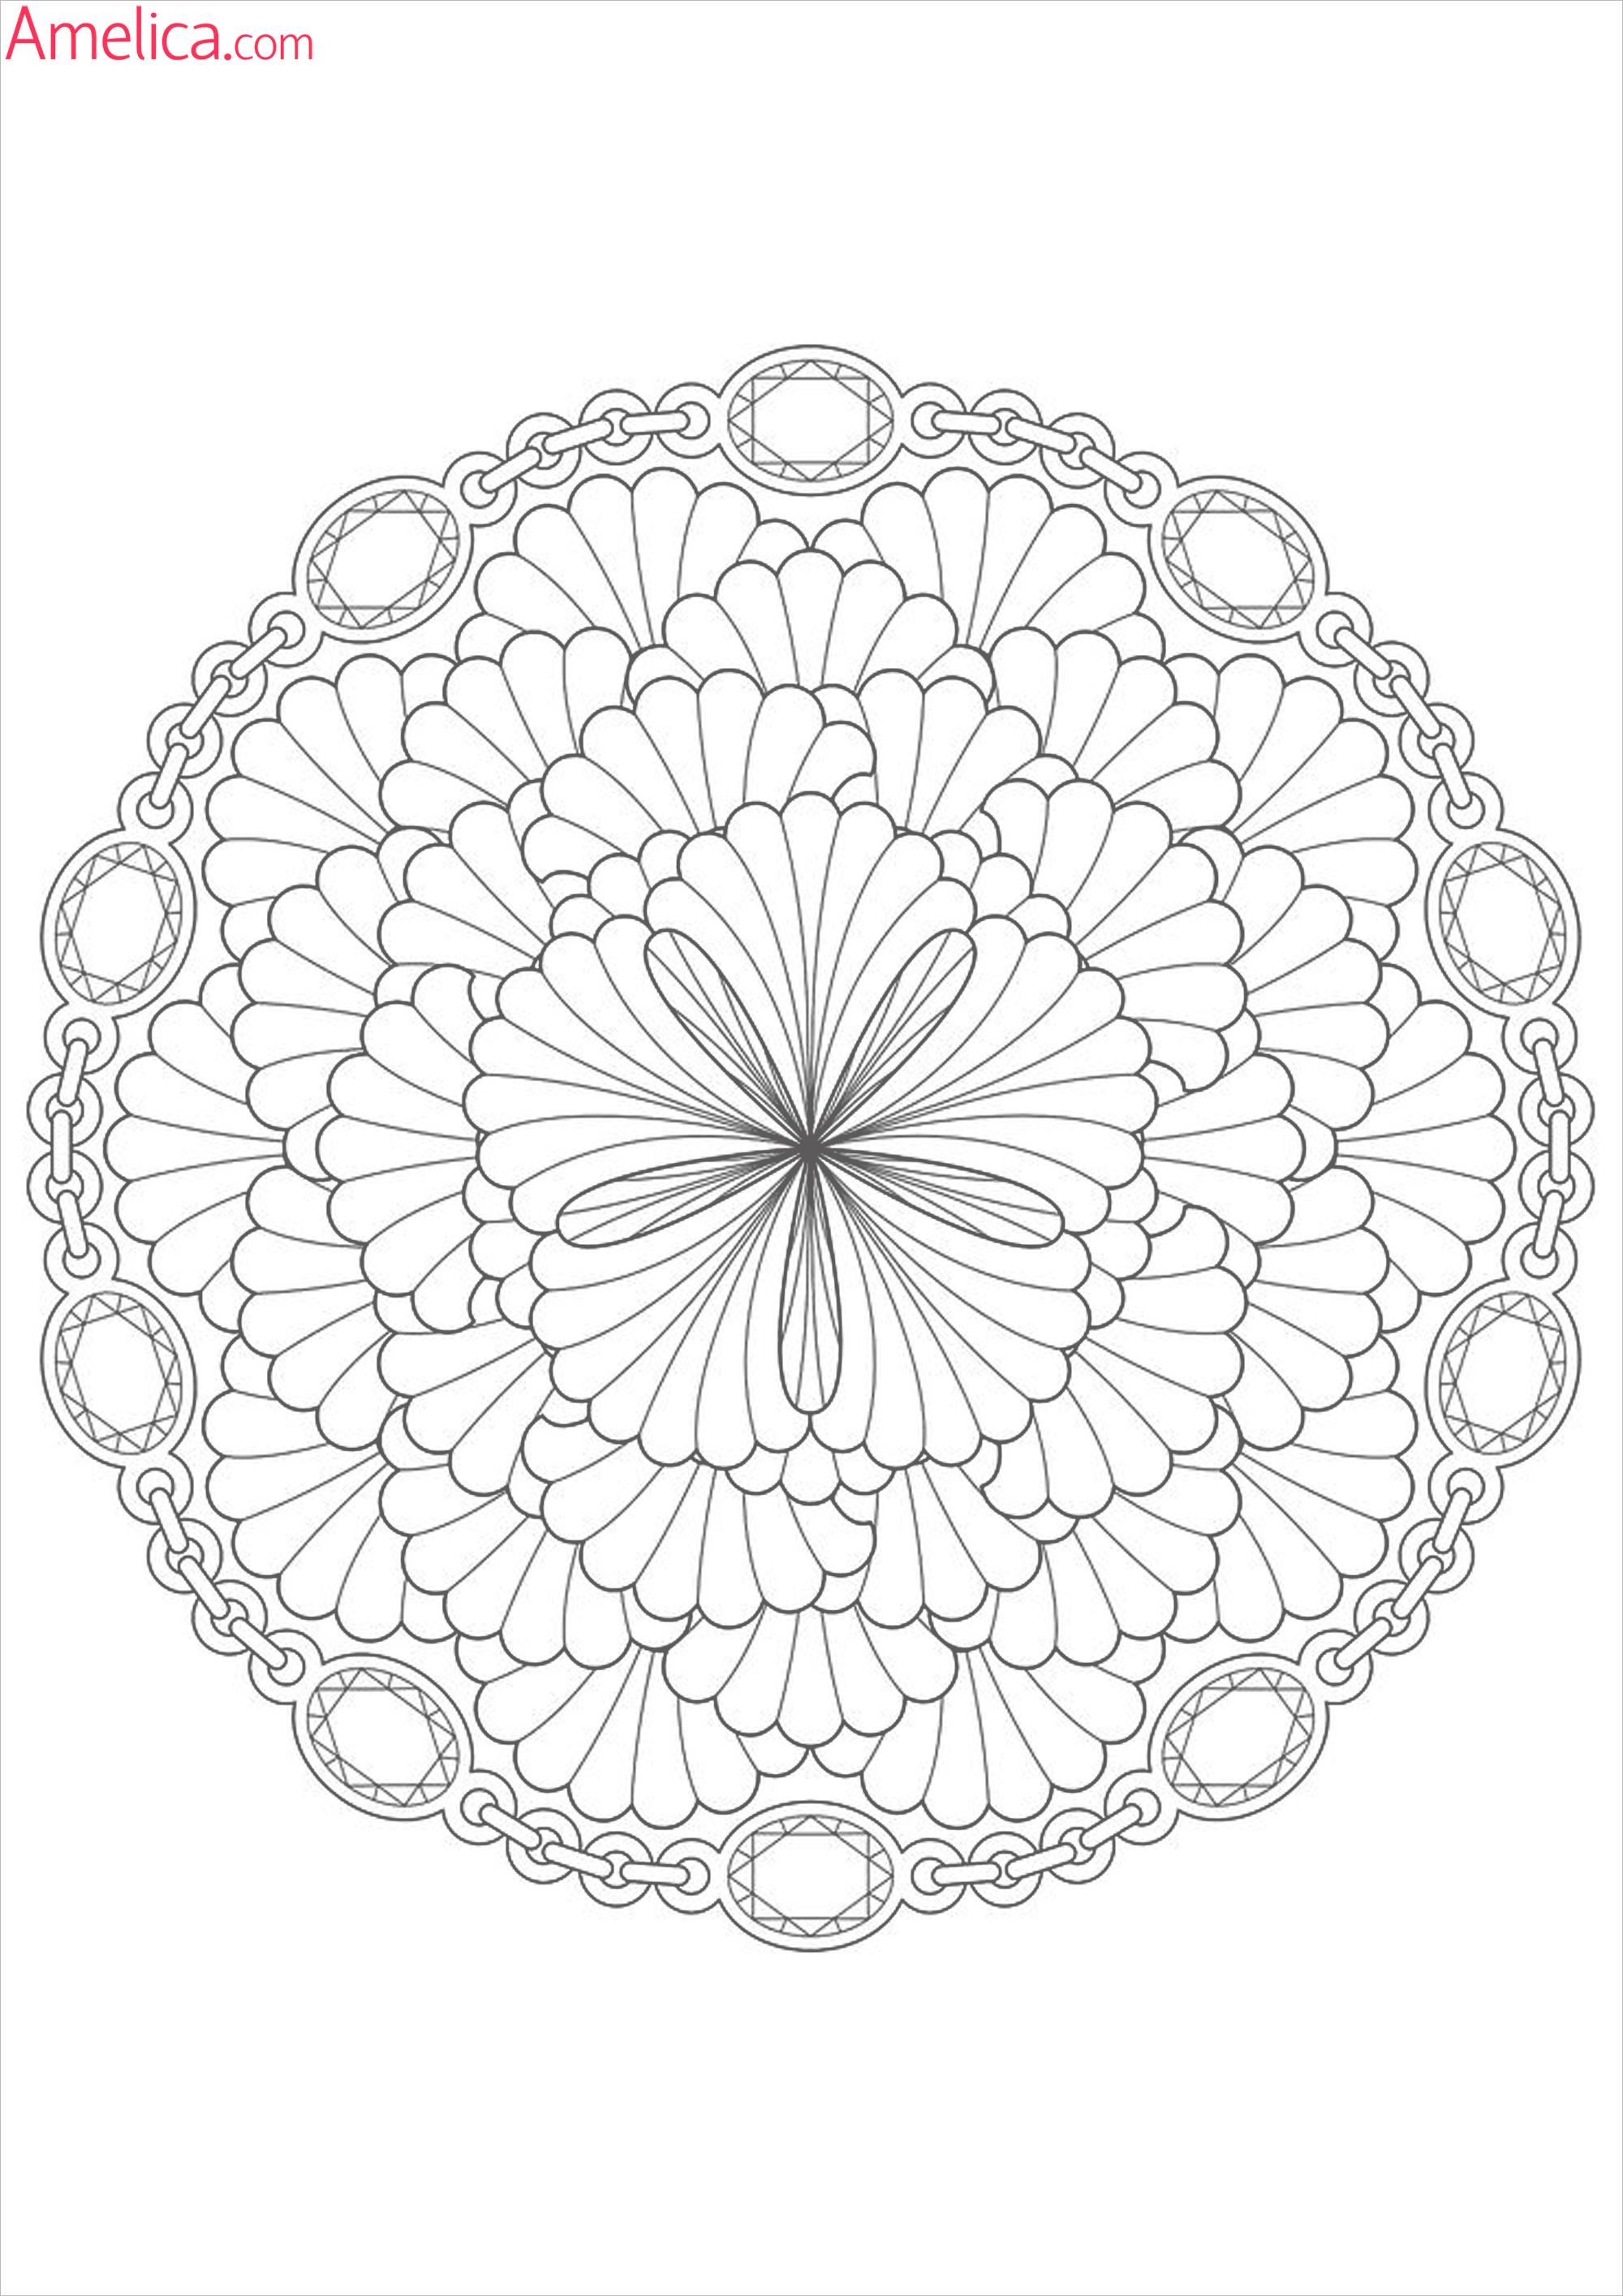 Раскраска цветы лотос